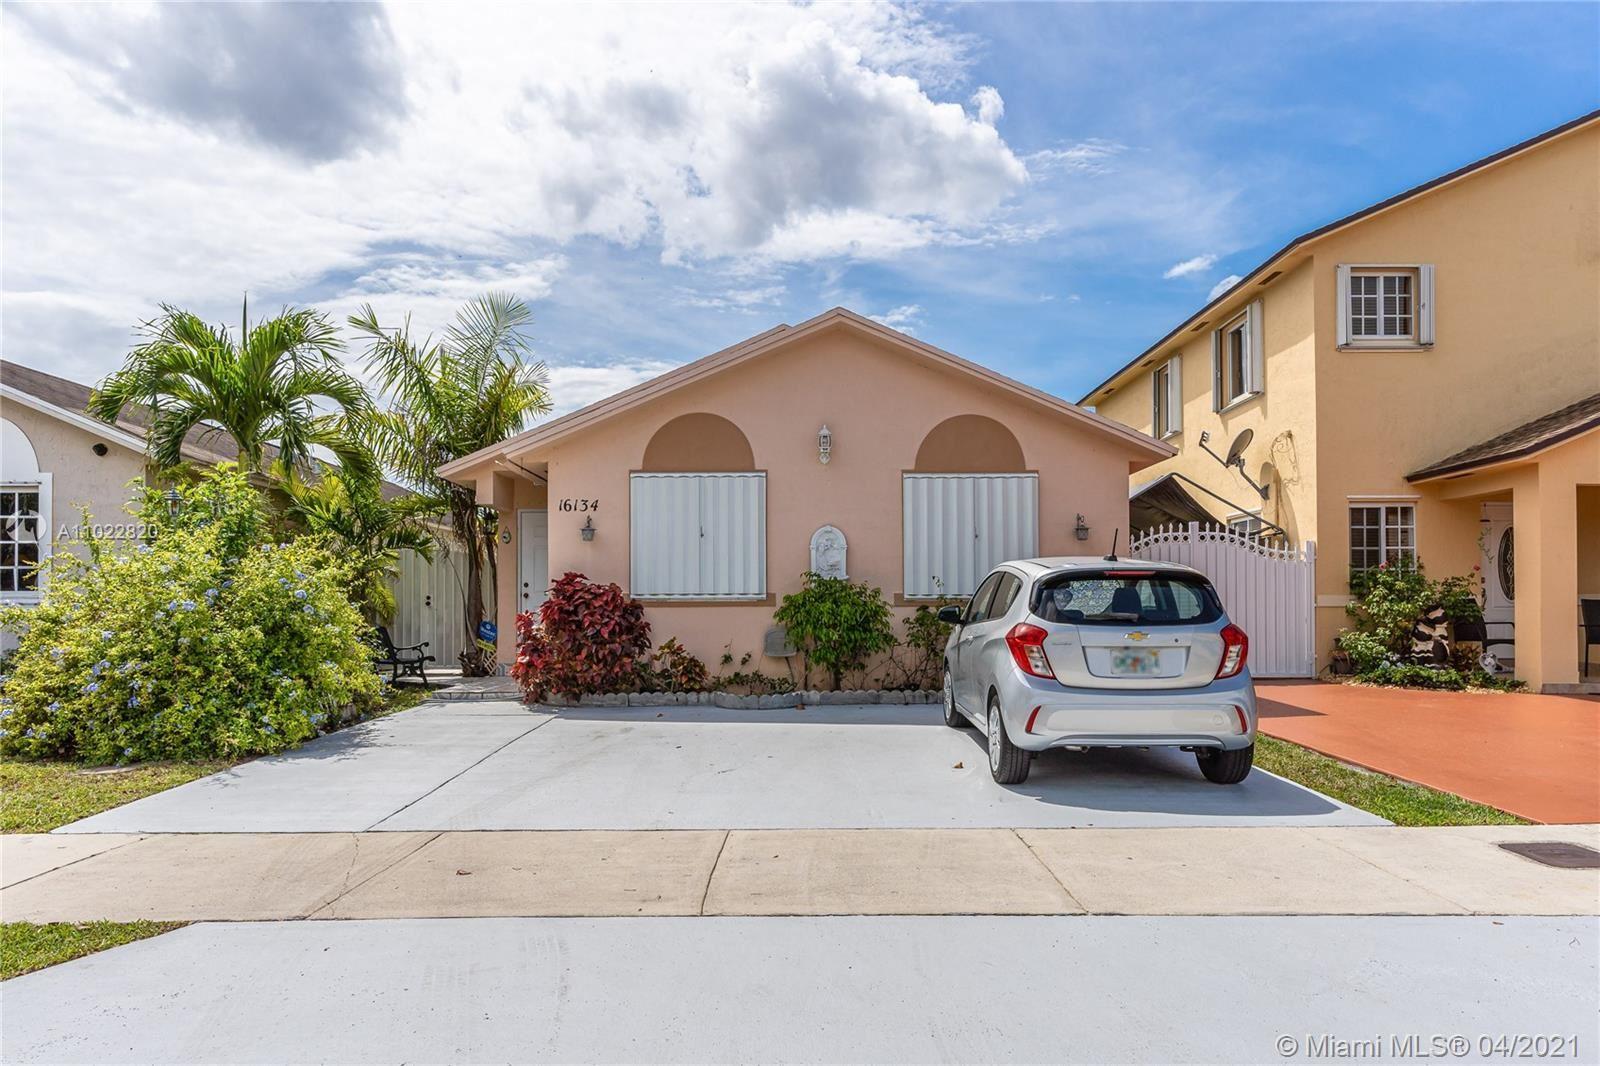 16134 SW 138th Ct, Miami, FL 33177 - #: A11022820